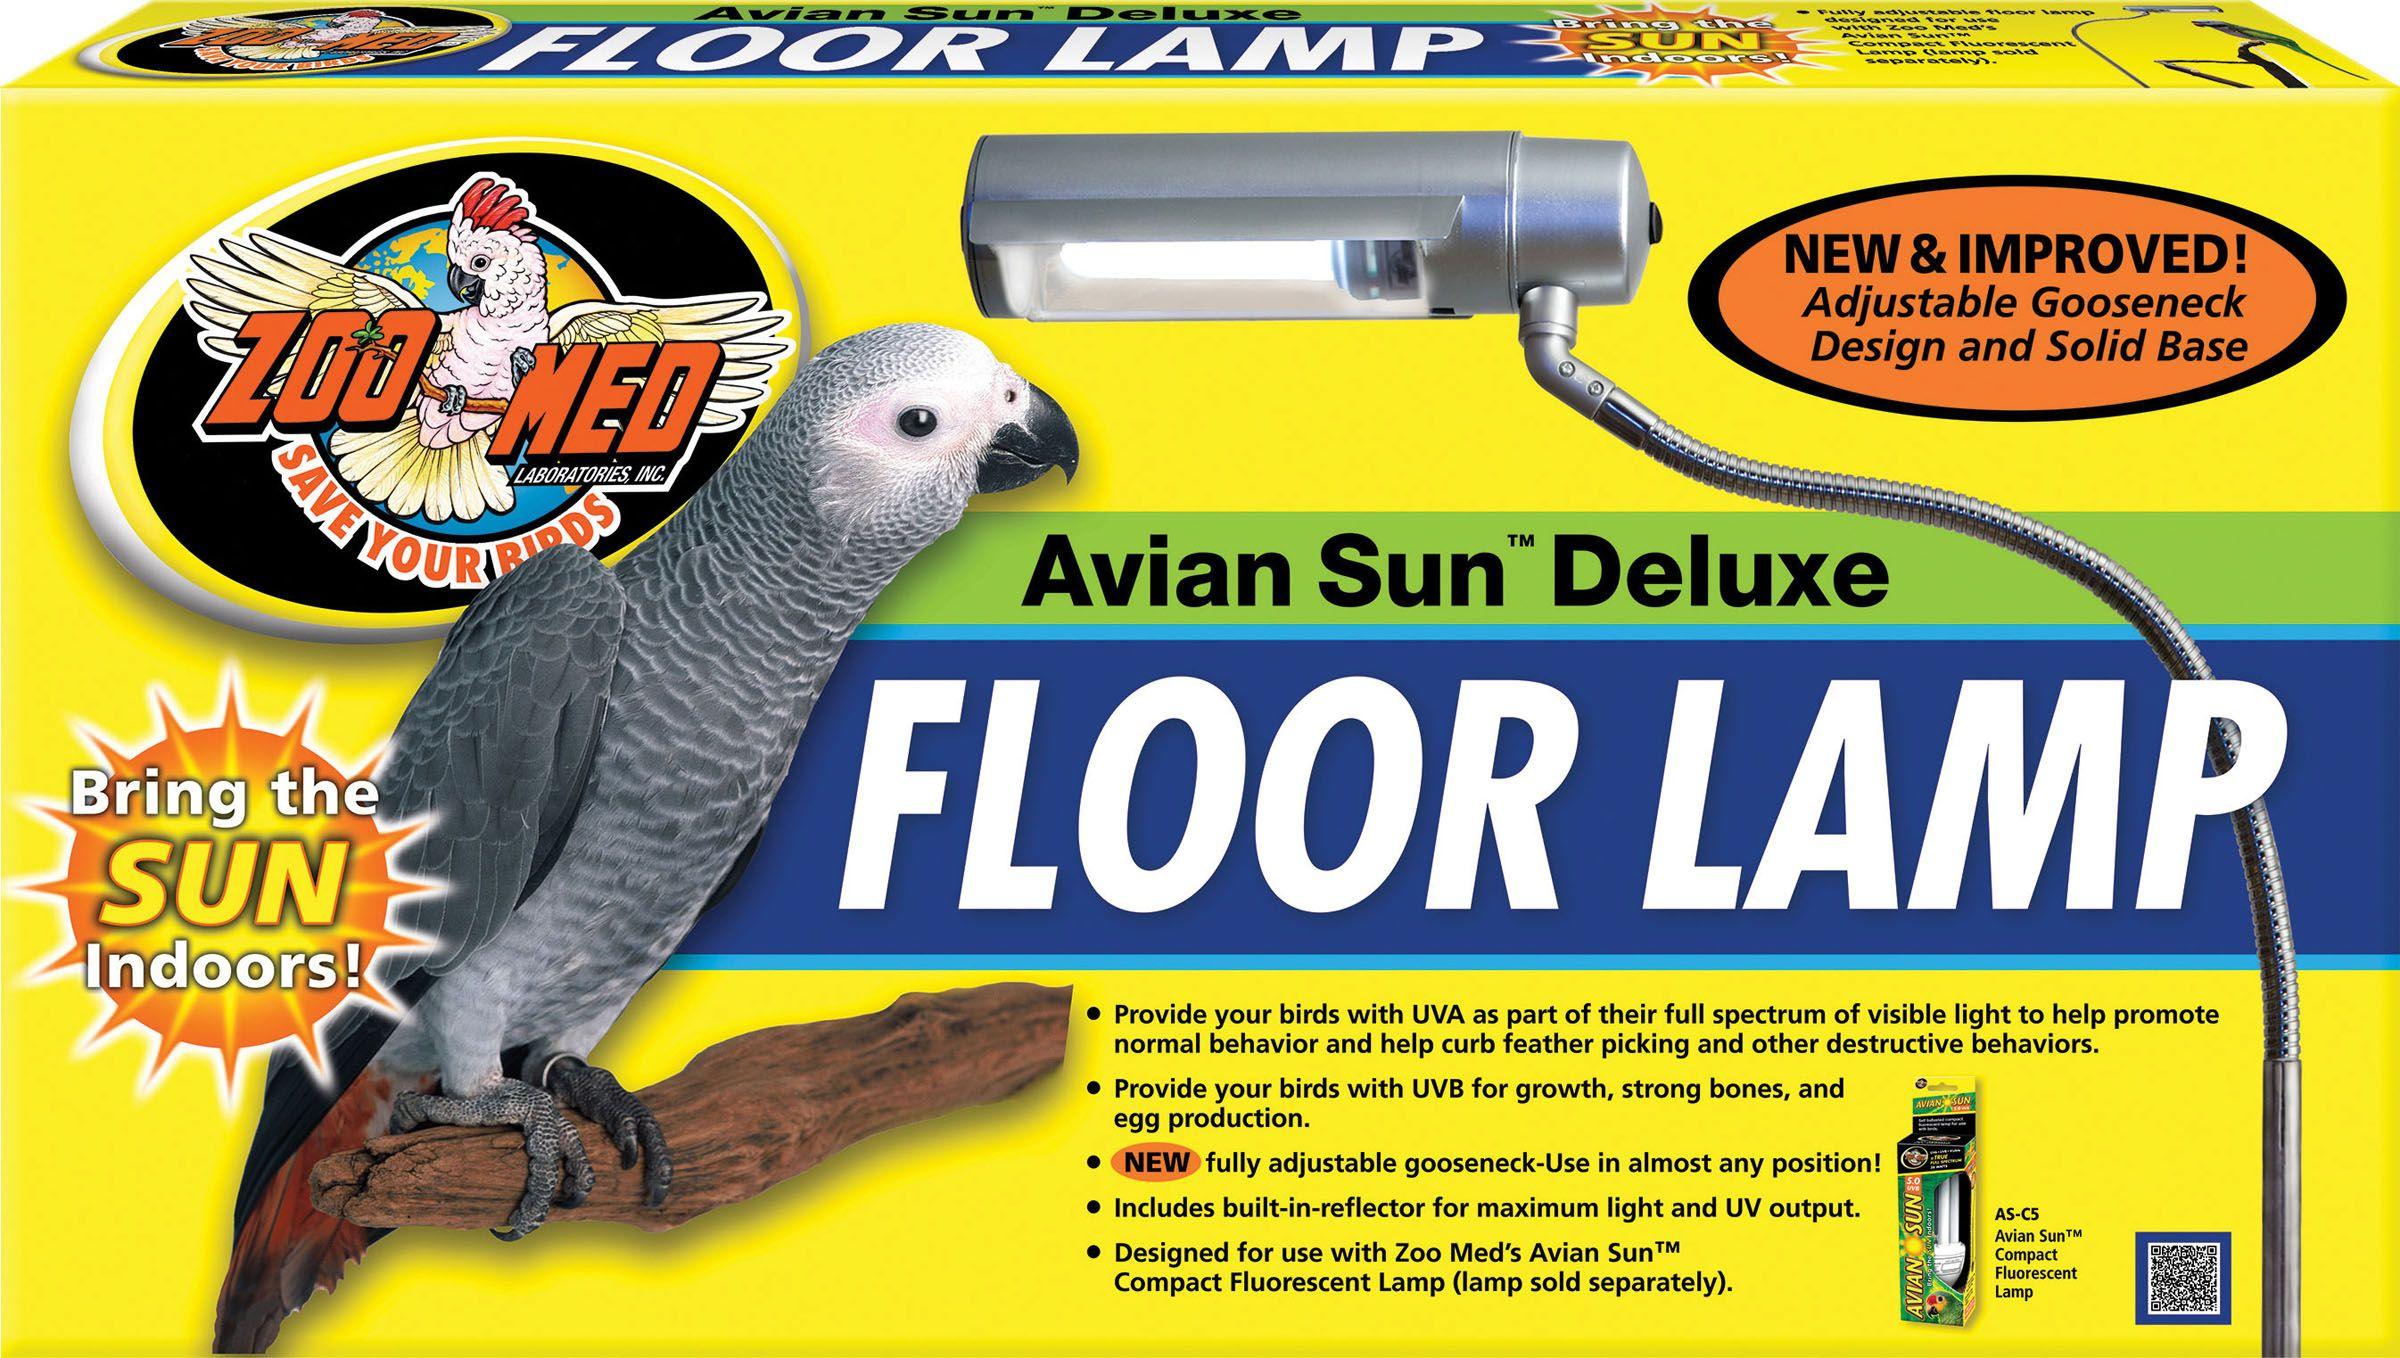 Birds Aviansun Deluxe Floor Lamp By Zoo Med Laboratories 26 Watt In 2020 Zoo Med Floor Lamp Bird Supplies